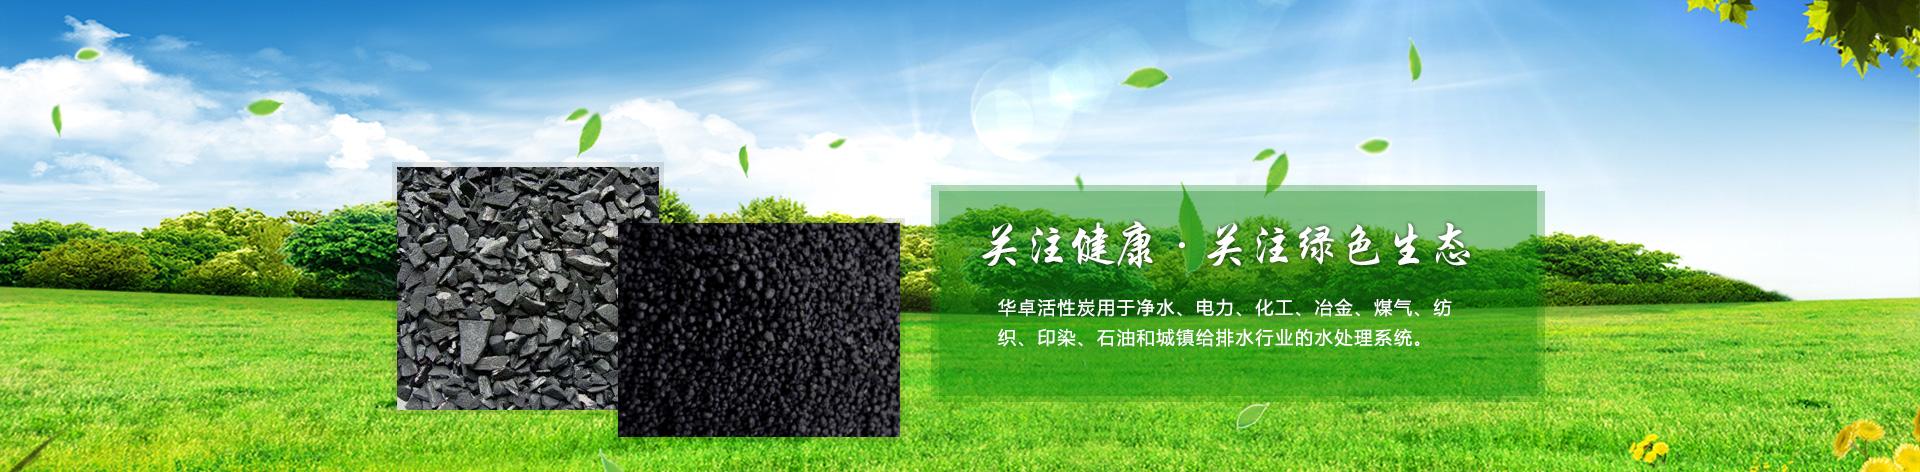 果壳活性炭厂家、活性炭公司为您服务